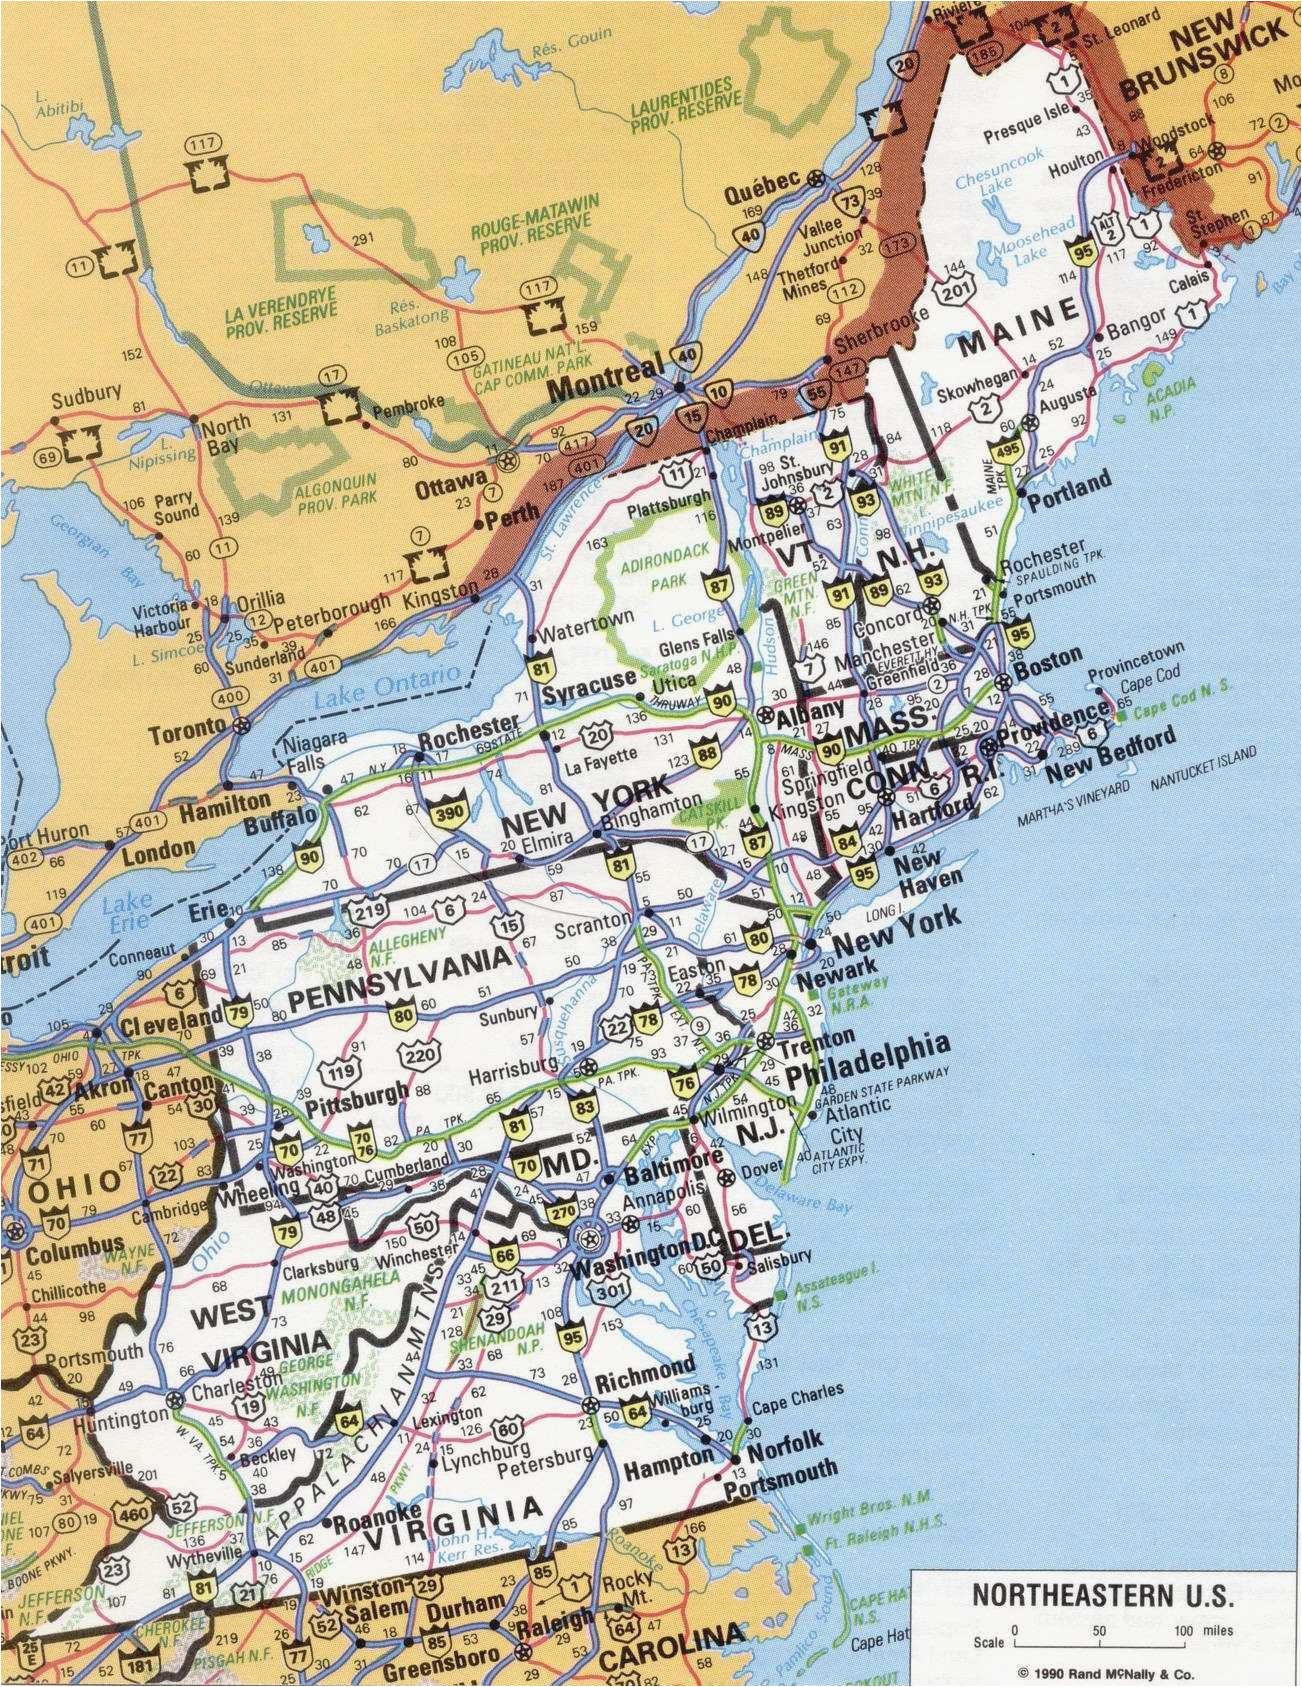 Cleveland Ohio On Us Map | secretmuseum on